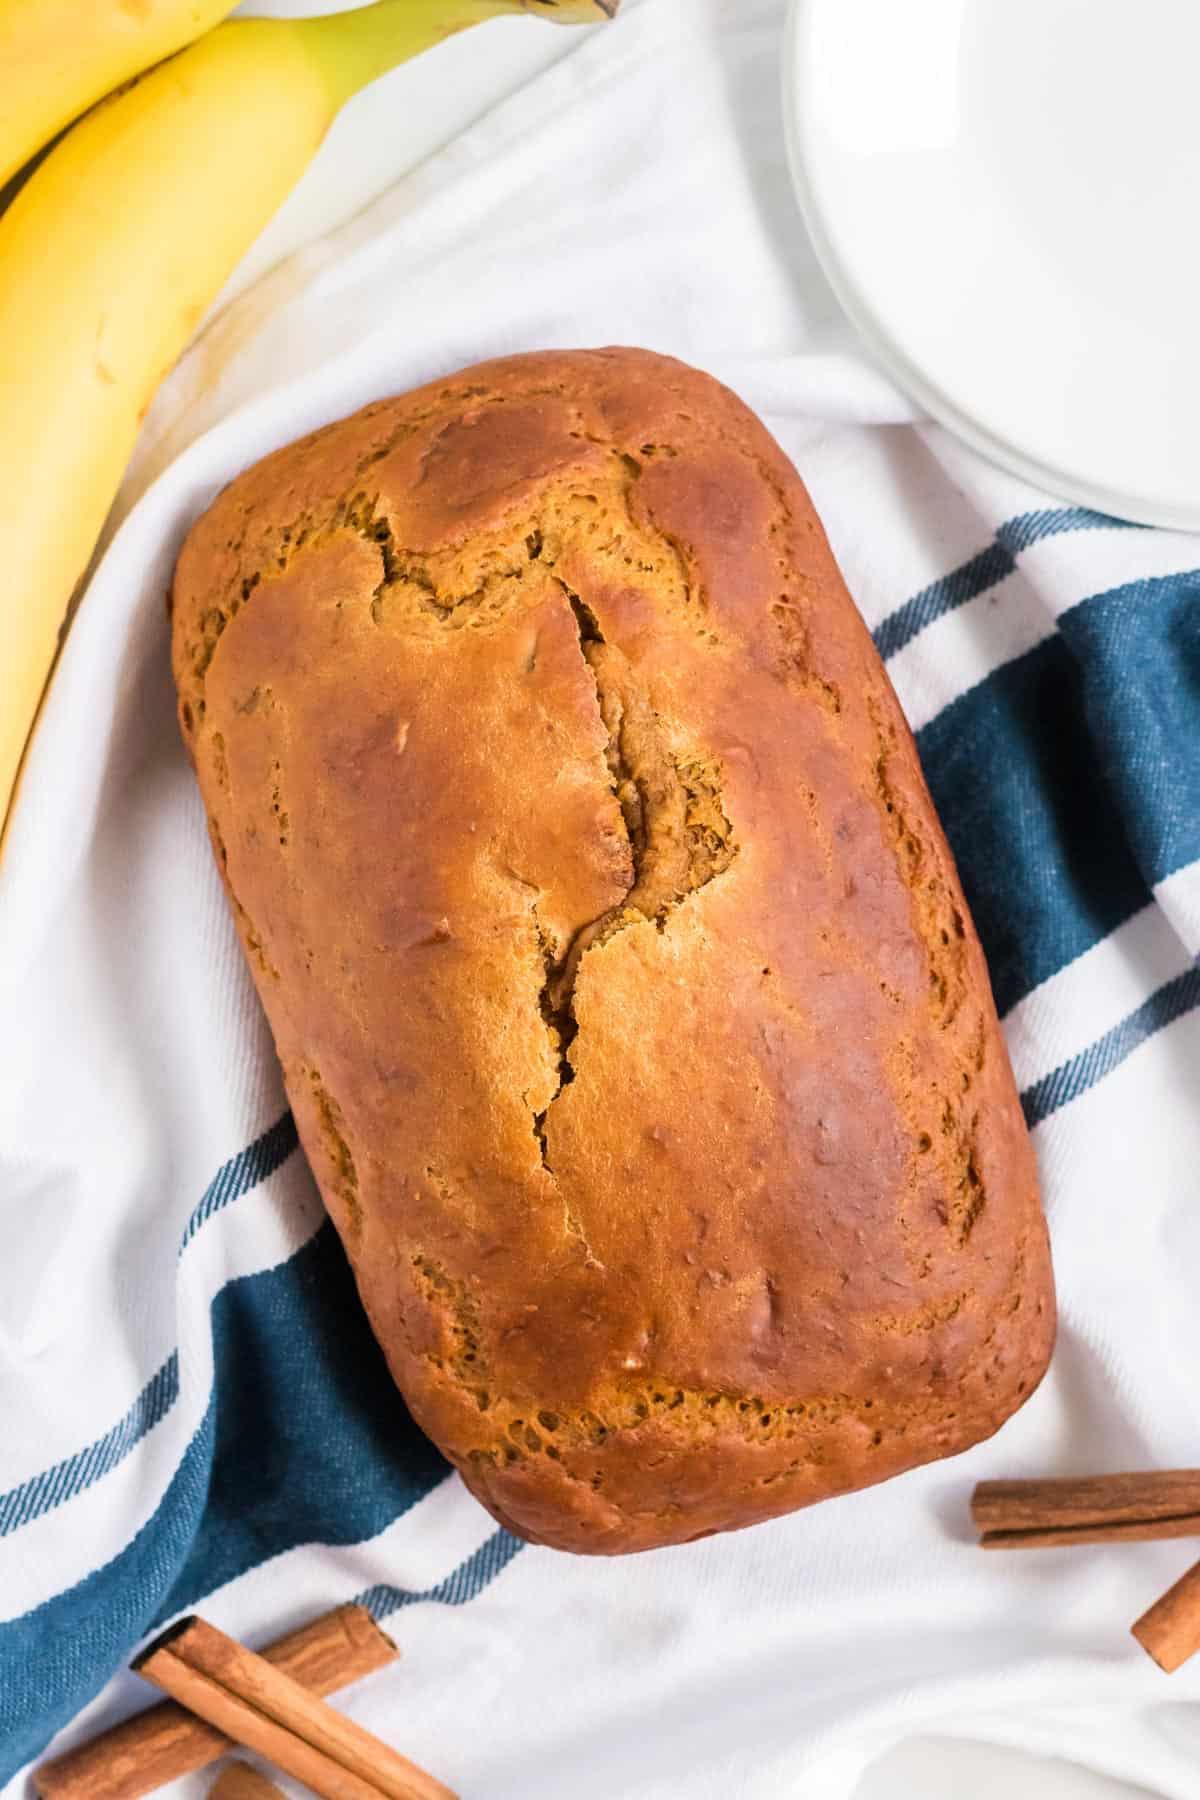 pumpkin loaf on a kitchen towel